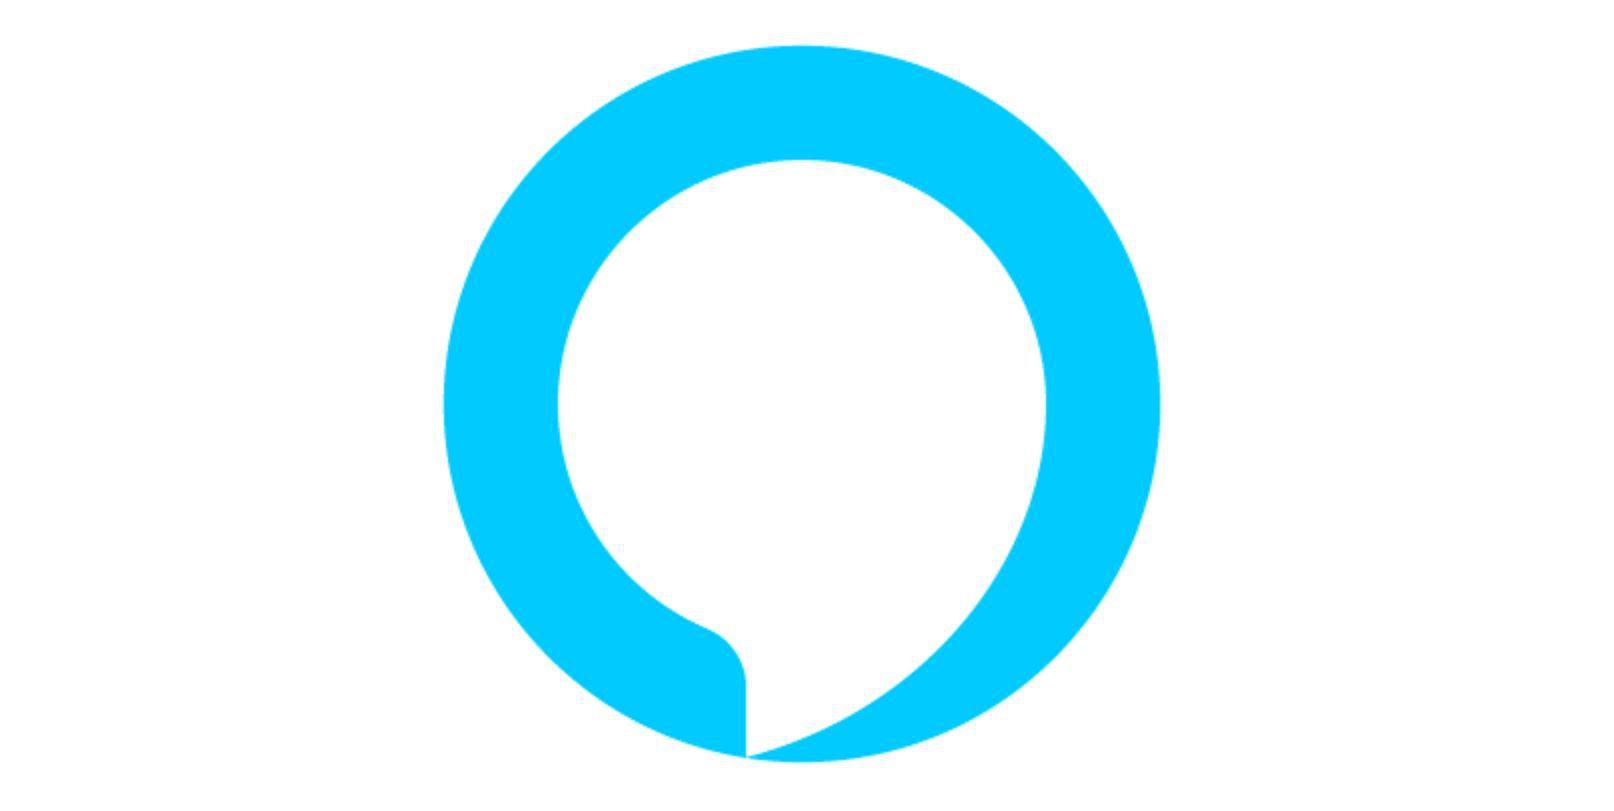 1614x811 Amazon Alexa Logo Vector